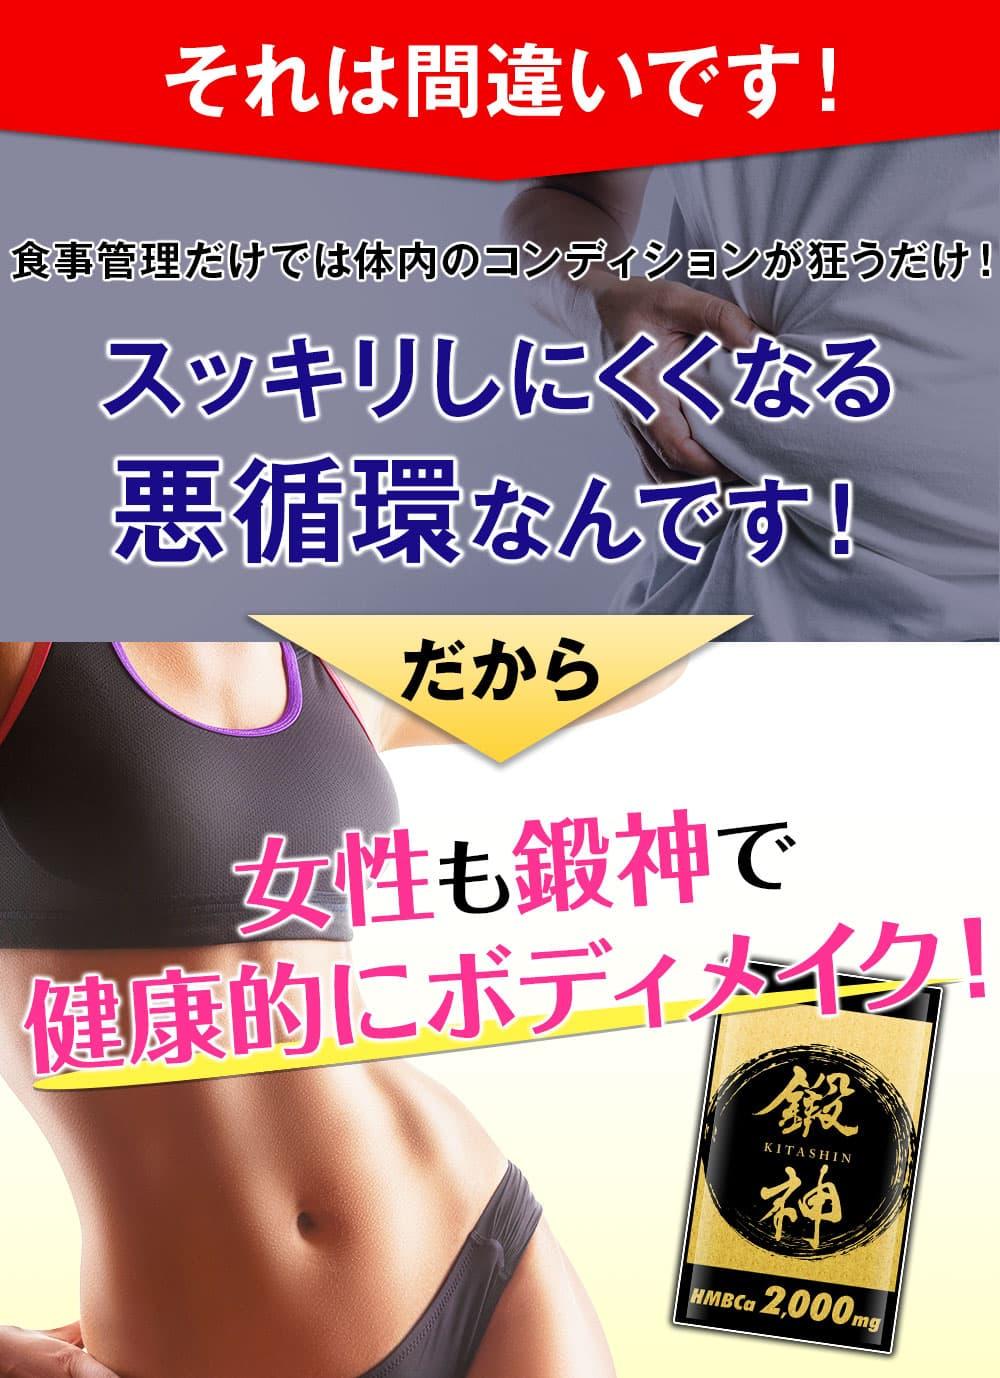 食事制限だけでは体内のサイクルが狂い、ぽっちゃり体質になる悪循環を生みます!だから女性もhmbで健康的にボディメイク!鍛神hmbサプリメントを今すぐお試し下さい!